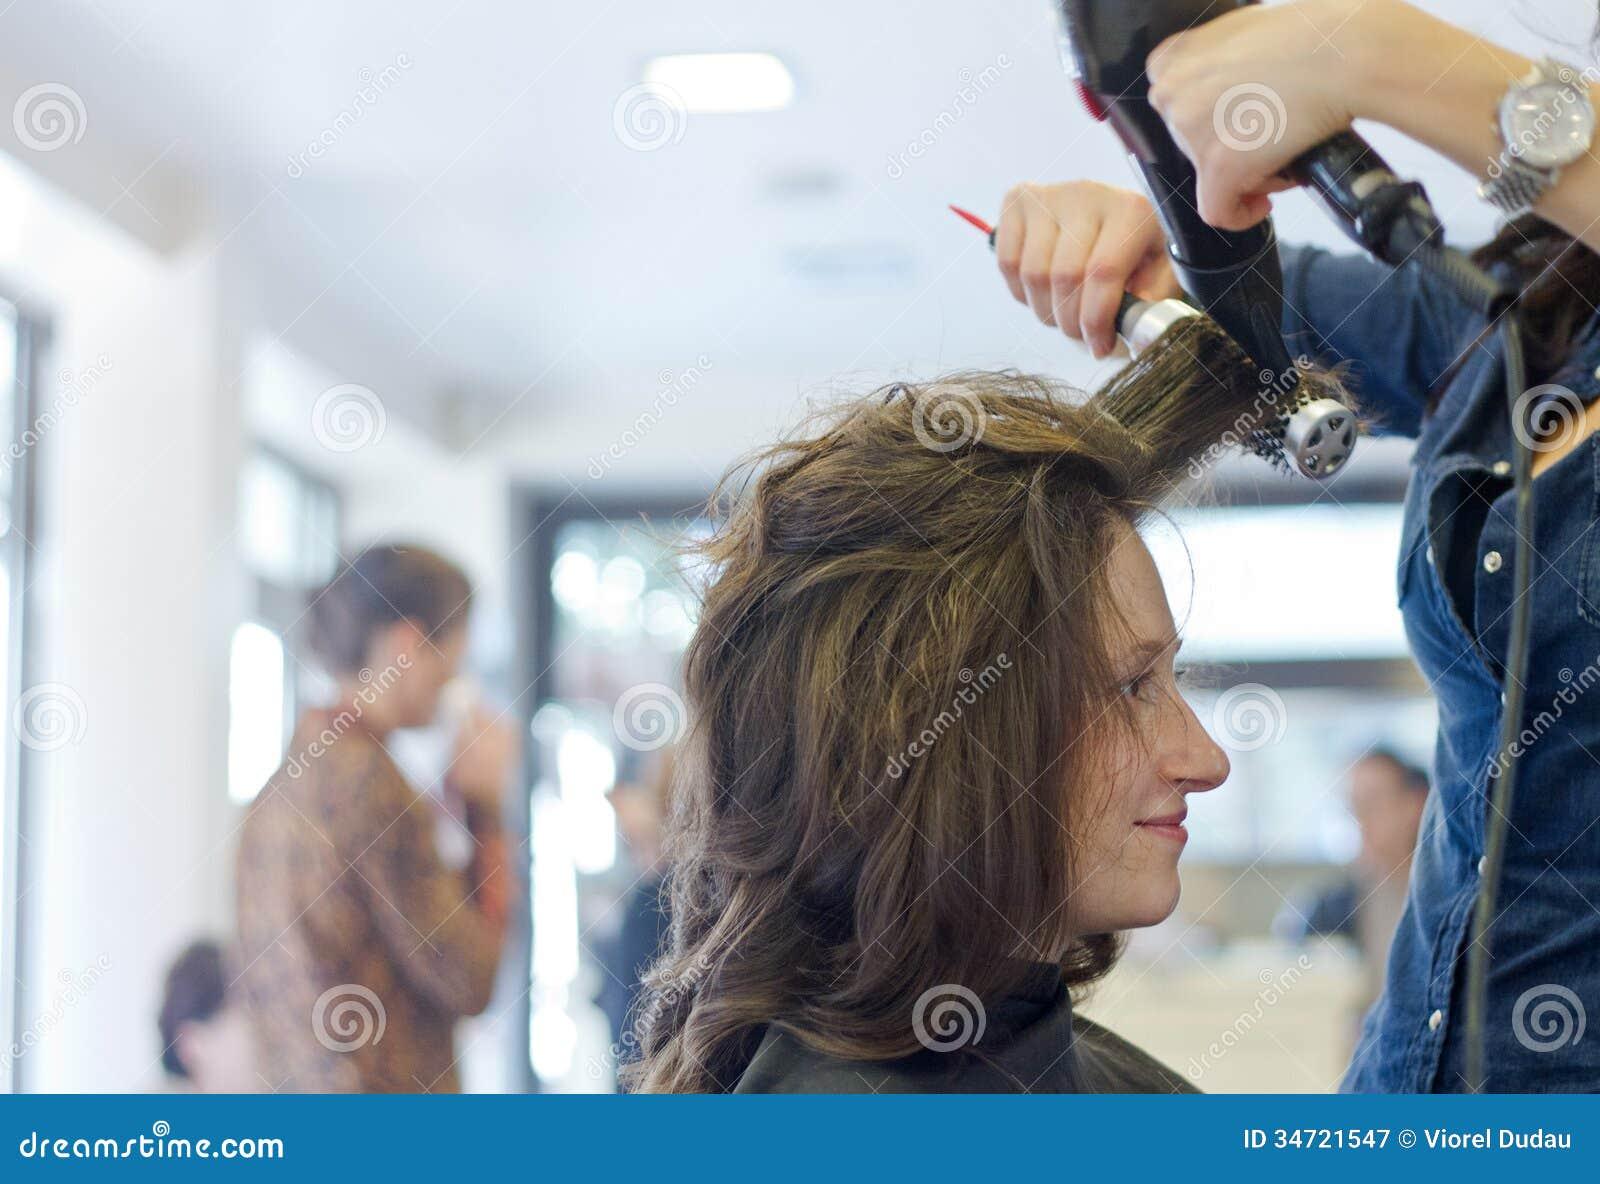 Suszy włosy w salonie